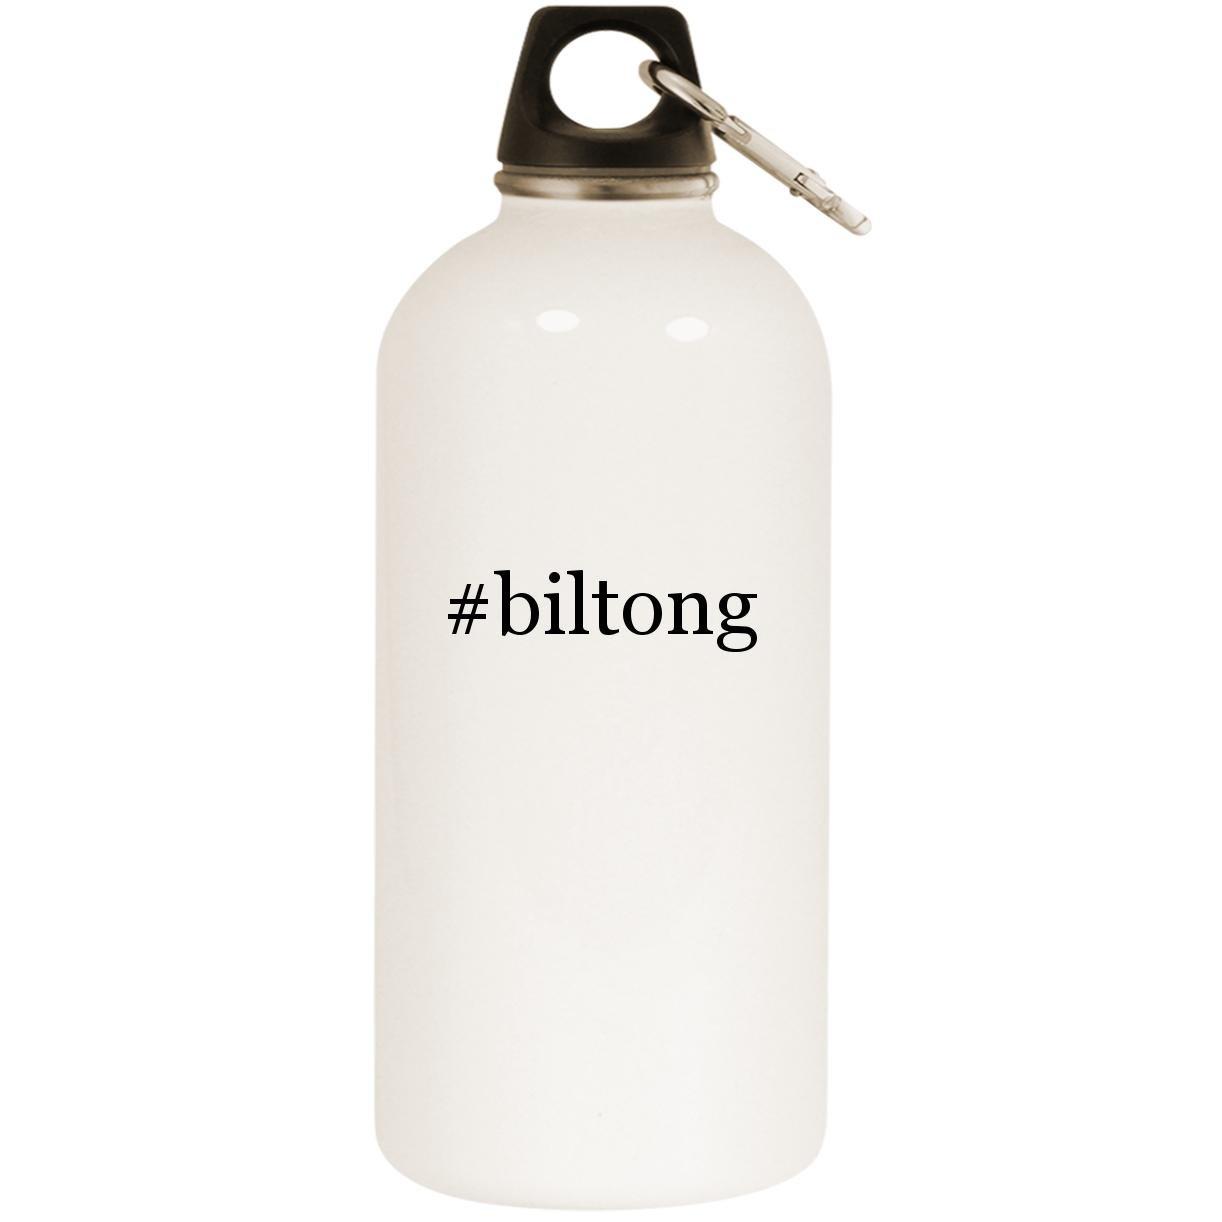 # Biltong – ホワイトハッシュタグ20ozステンレススチールウォーターボトルカラビナ B0741S68Y3